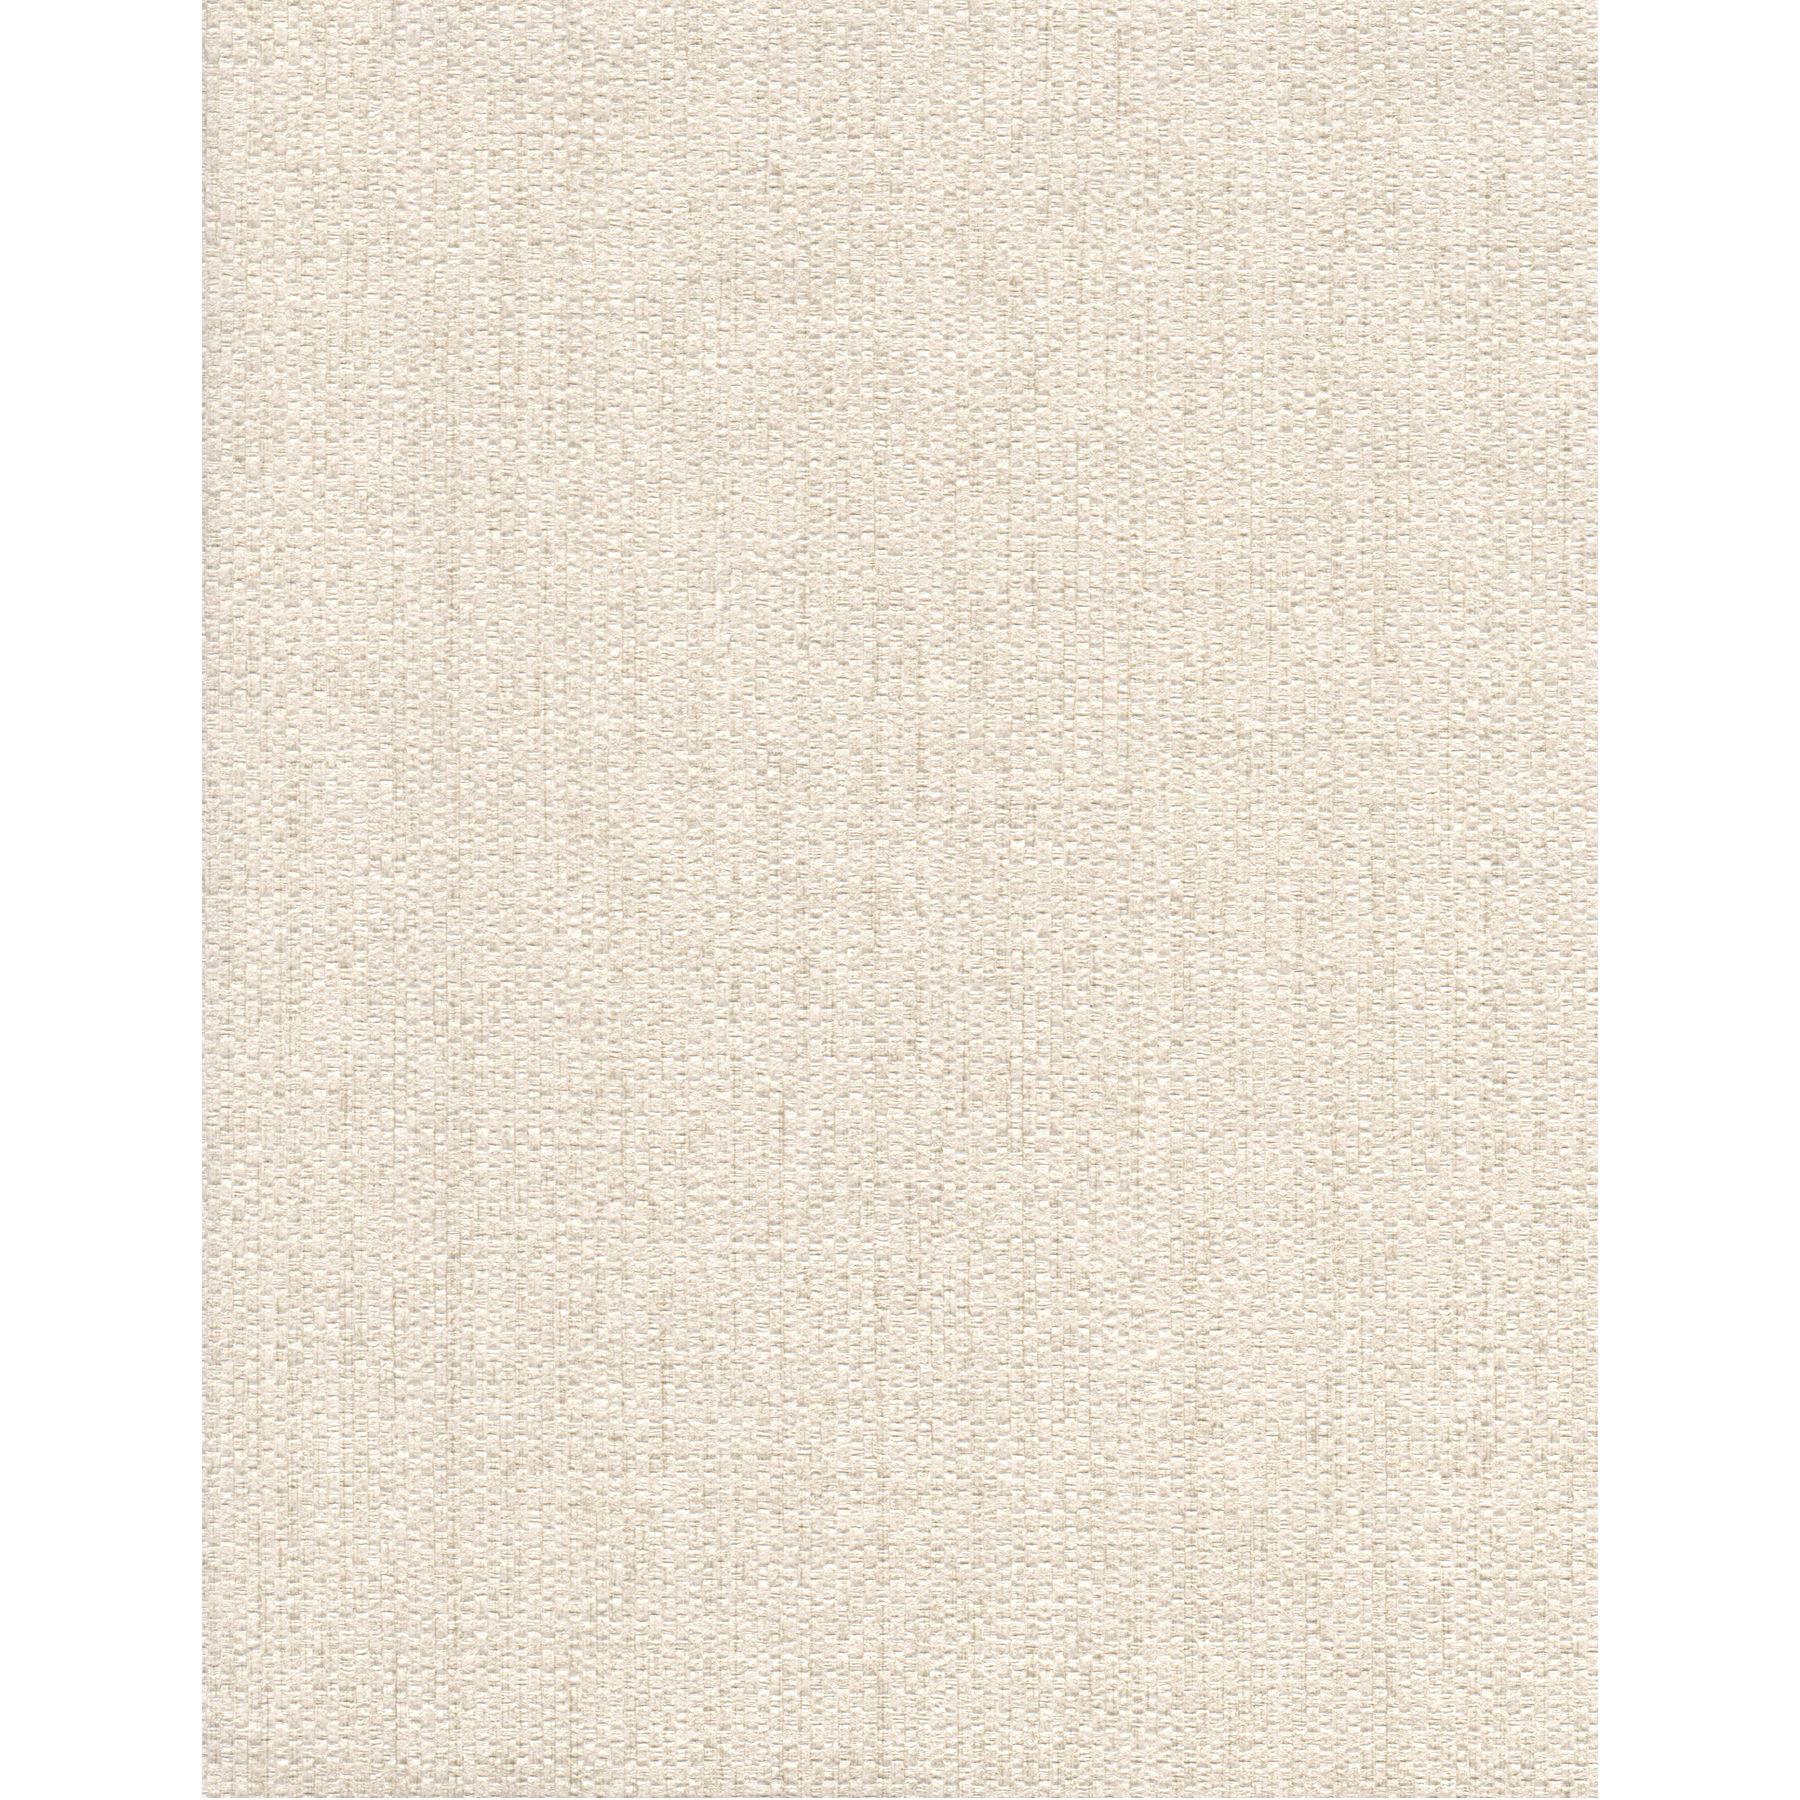 Papel De Parede Vinílico Texturizado Evolux 053x95m